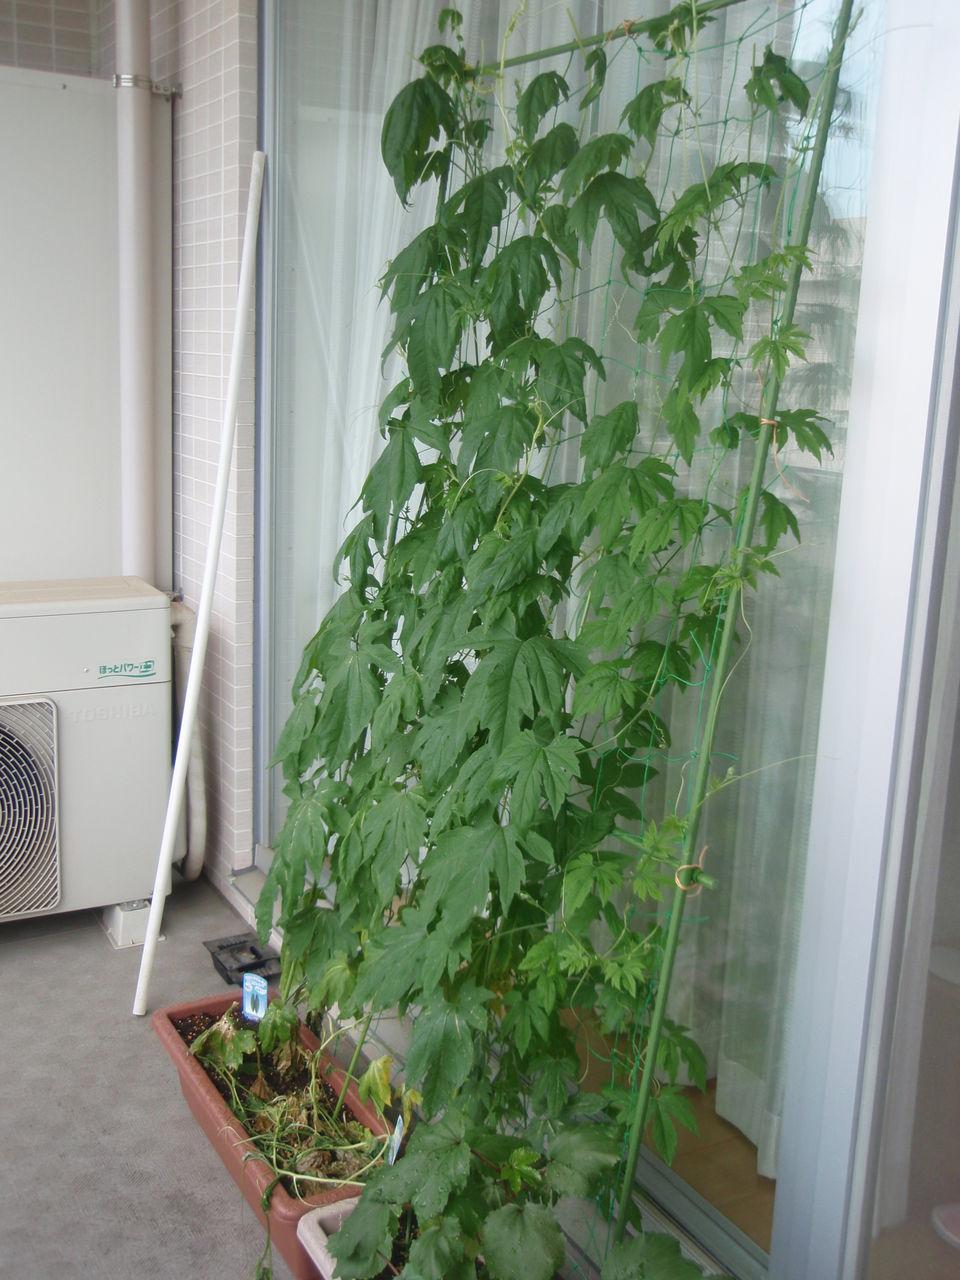 ゴーヤ 育て 方 ゴーヤの育て方|種や苗での栽培、摘心、肥料の方法は?